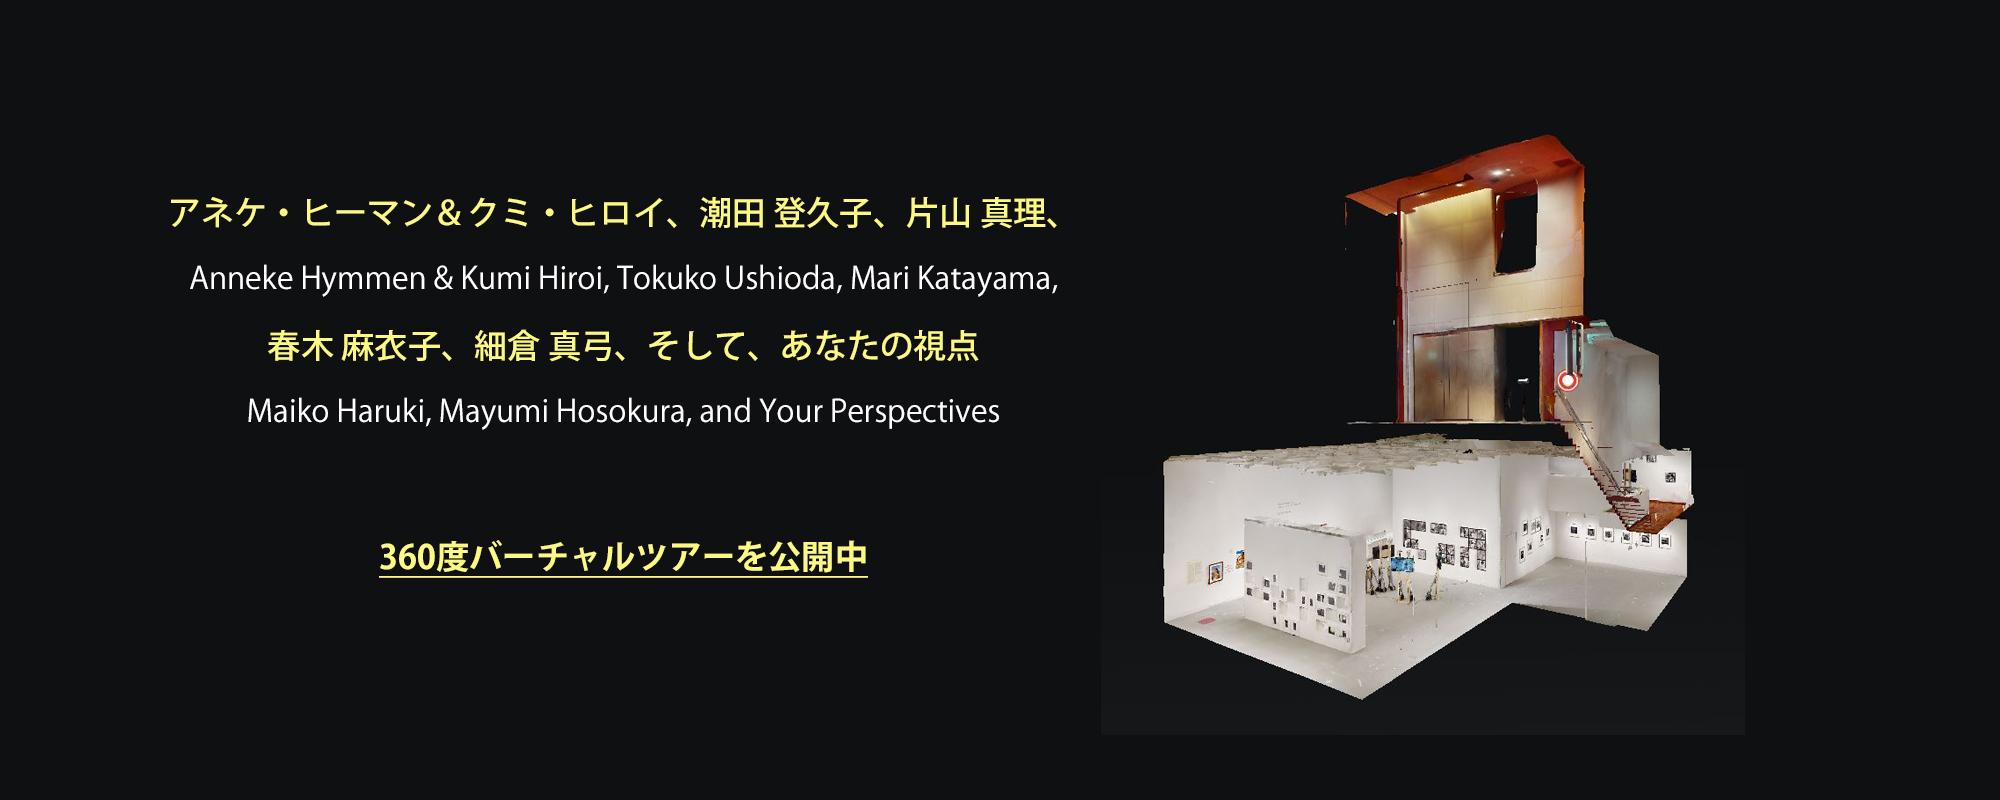 「アネケ・ヒーマン&クミ・ヒロイ、潮田 登久子、片山 真理、春木 麻衣子、細倉 真弓、そして、あなたの視点」の360度バーチャルツアー公開しました。